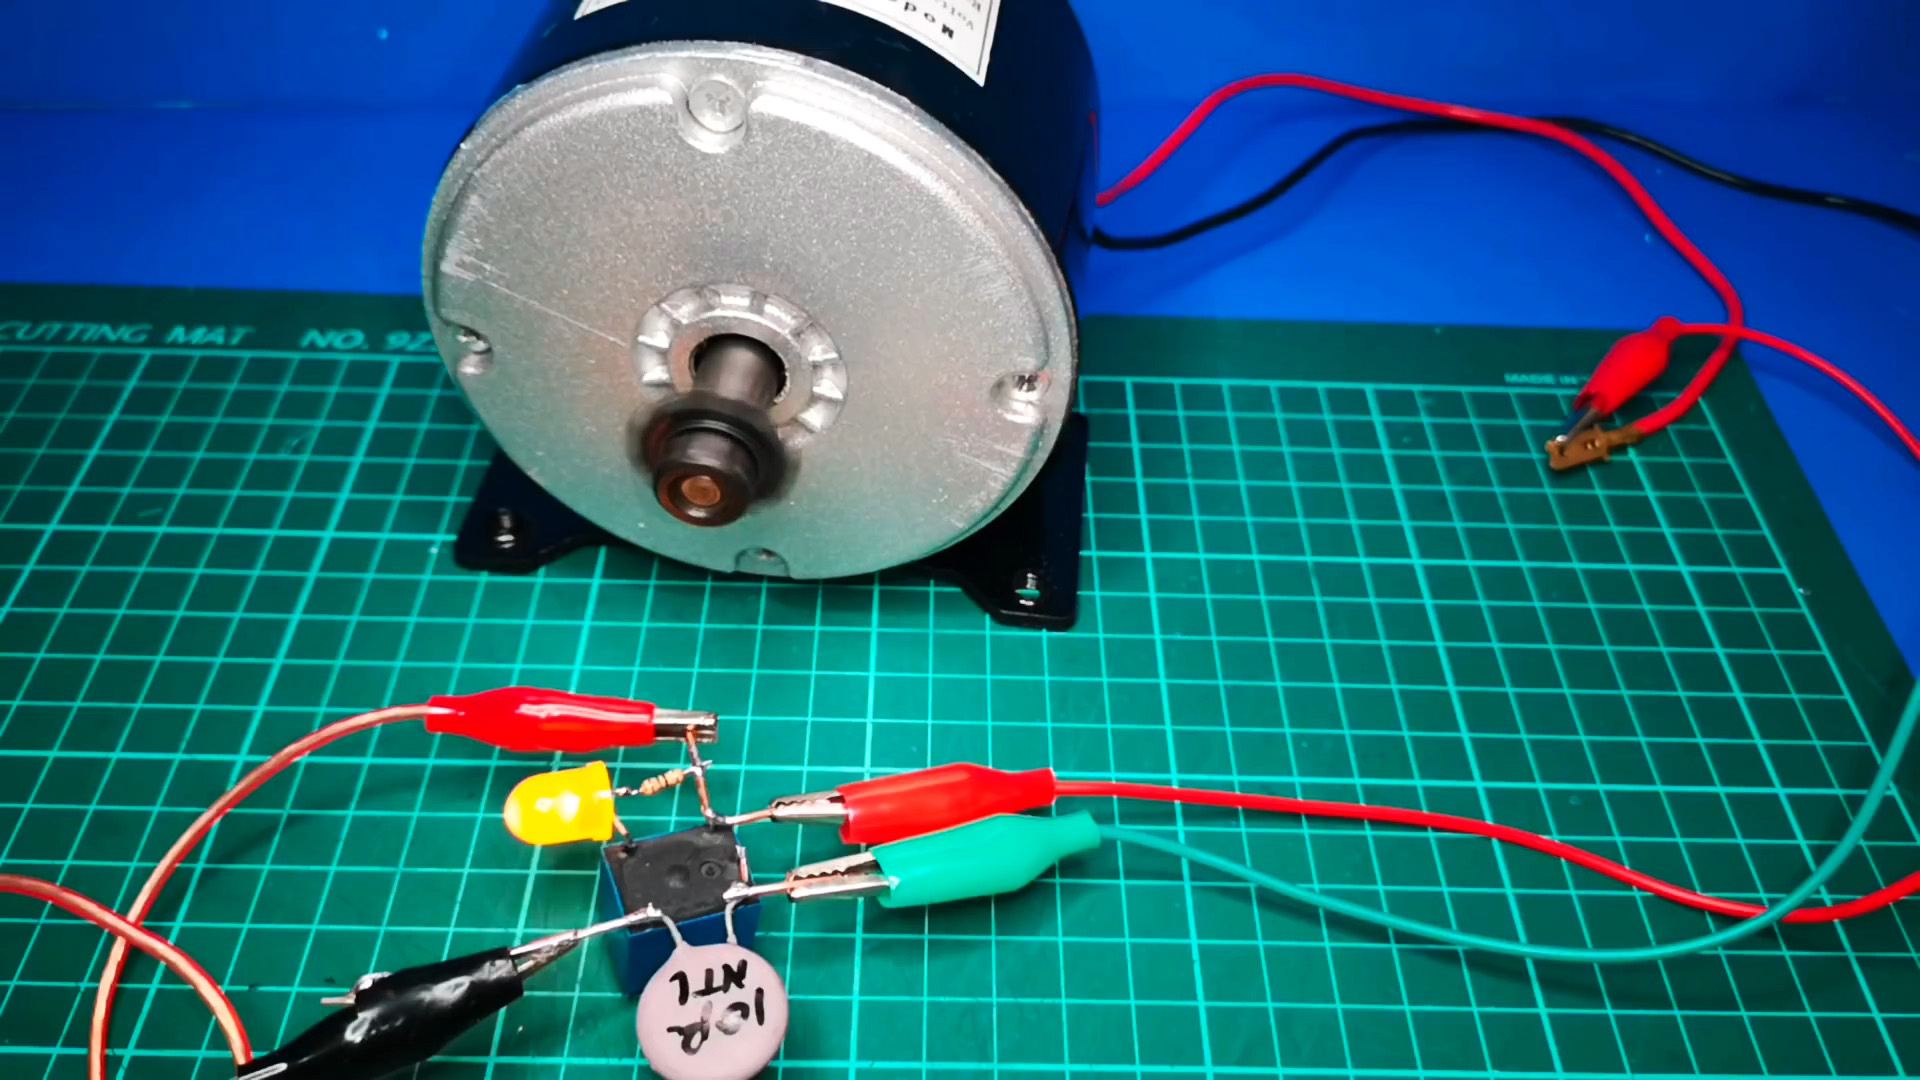 Любопытная схема простейшего устройства плавного пуска на реле без транзисторов и микросхем